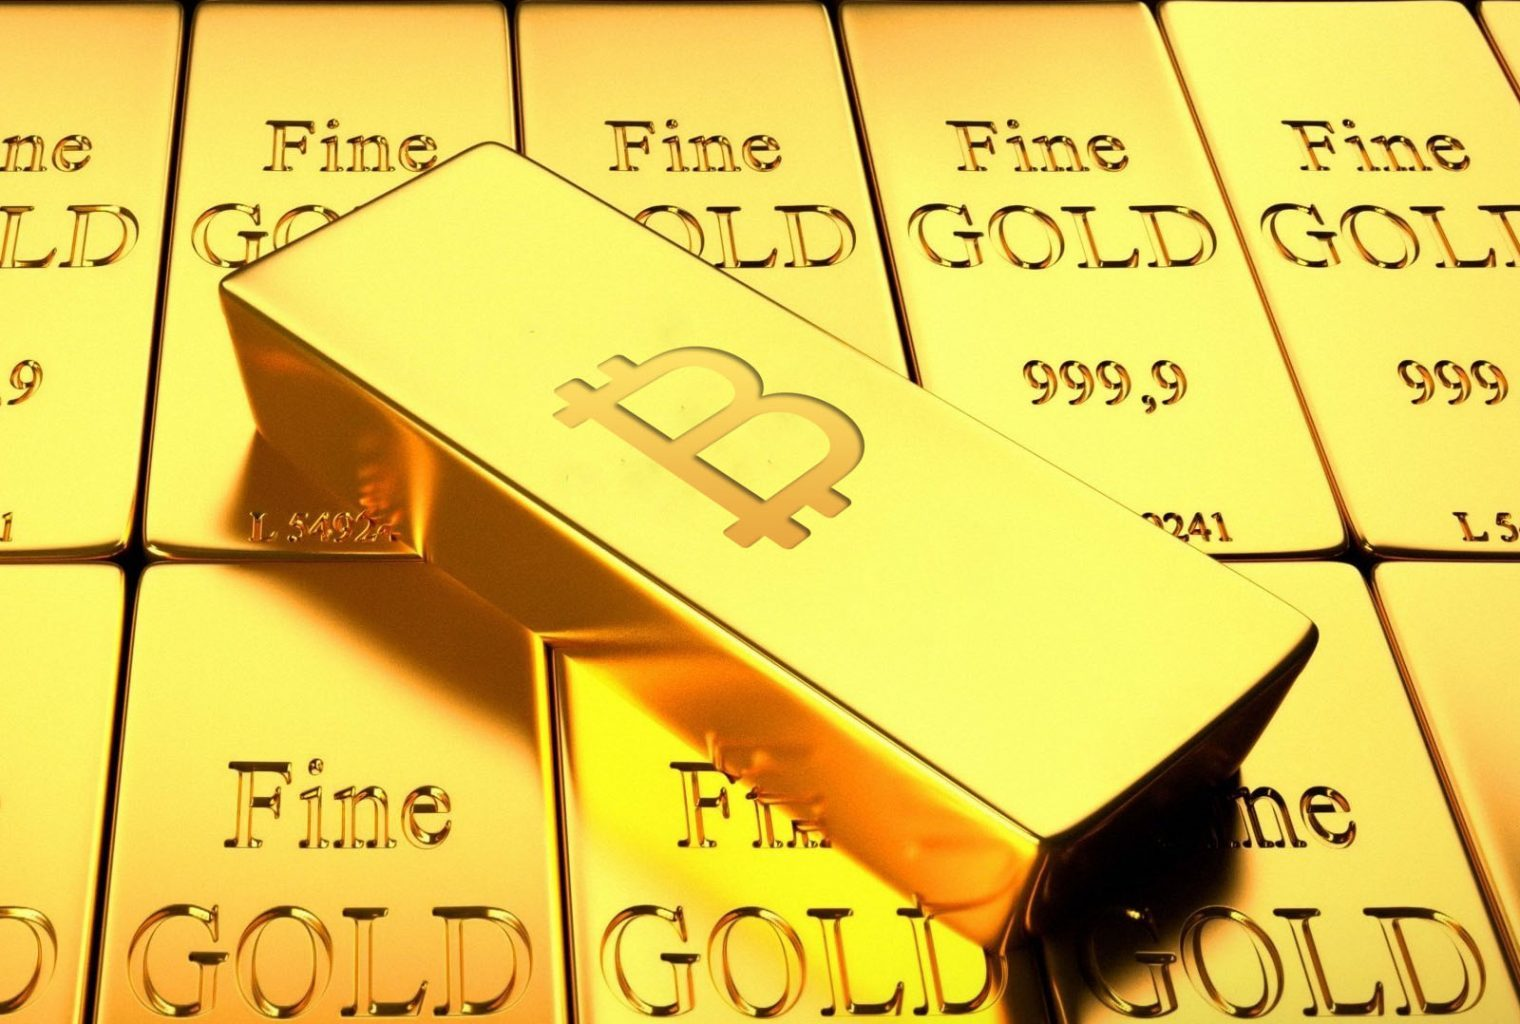 bitcoin meilleur que or et monnaie fiduciaire